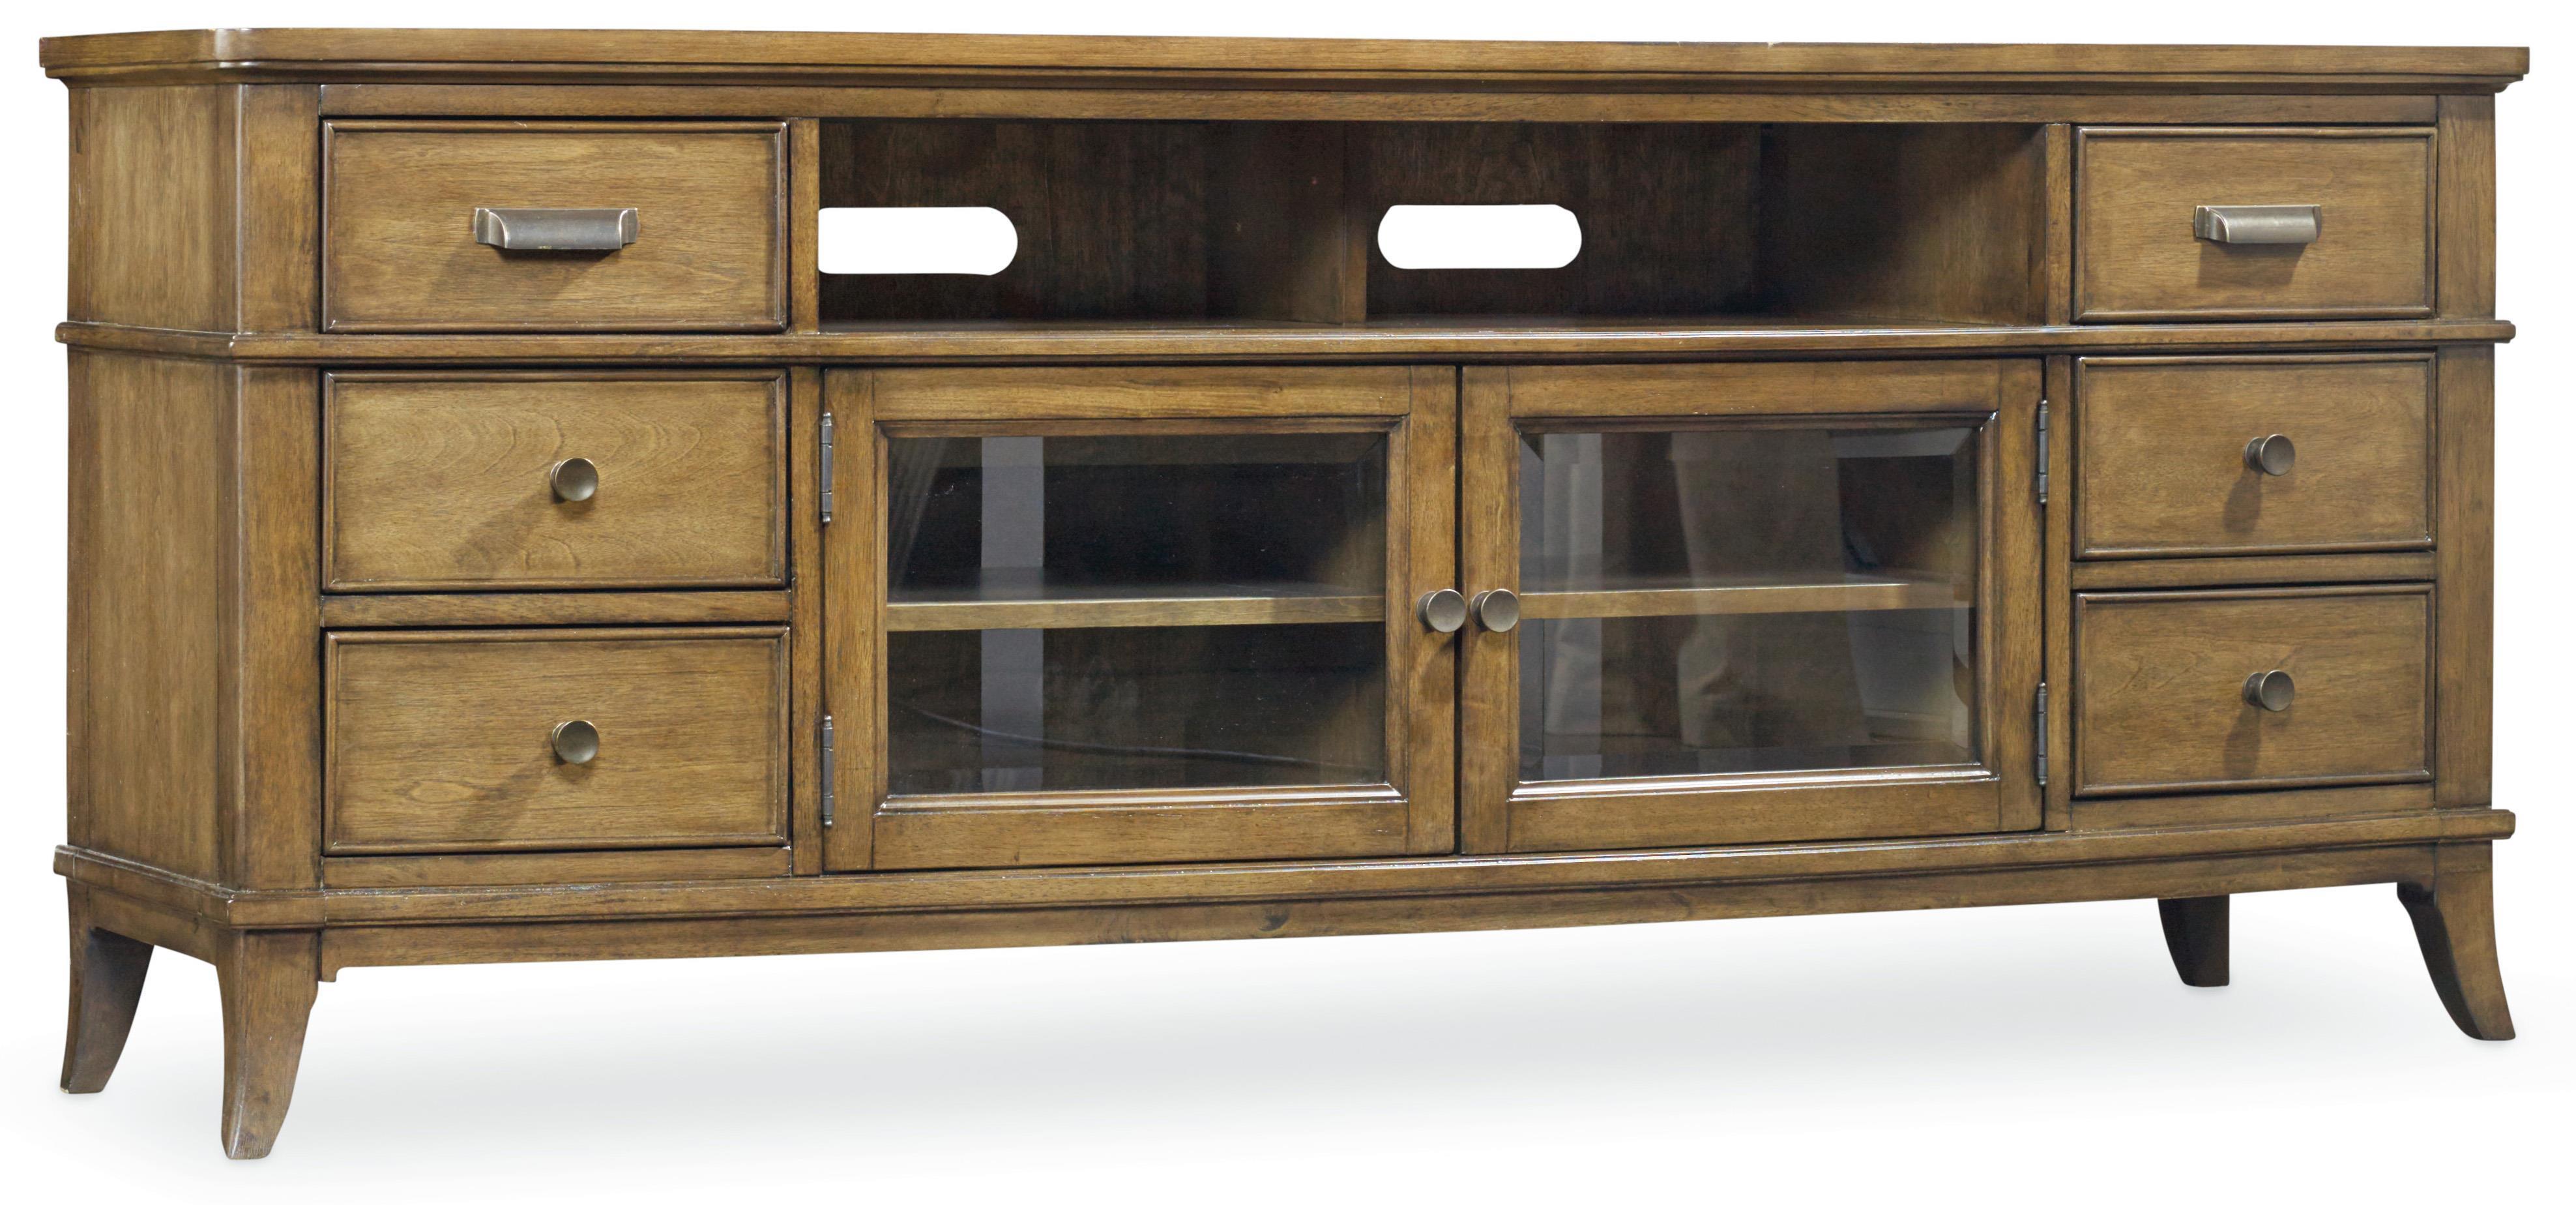 Hooker Furniture Shelbourne Entertainment Center - Item Number: 5339-55472